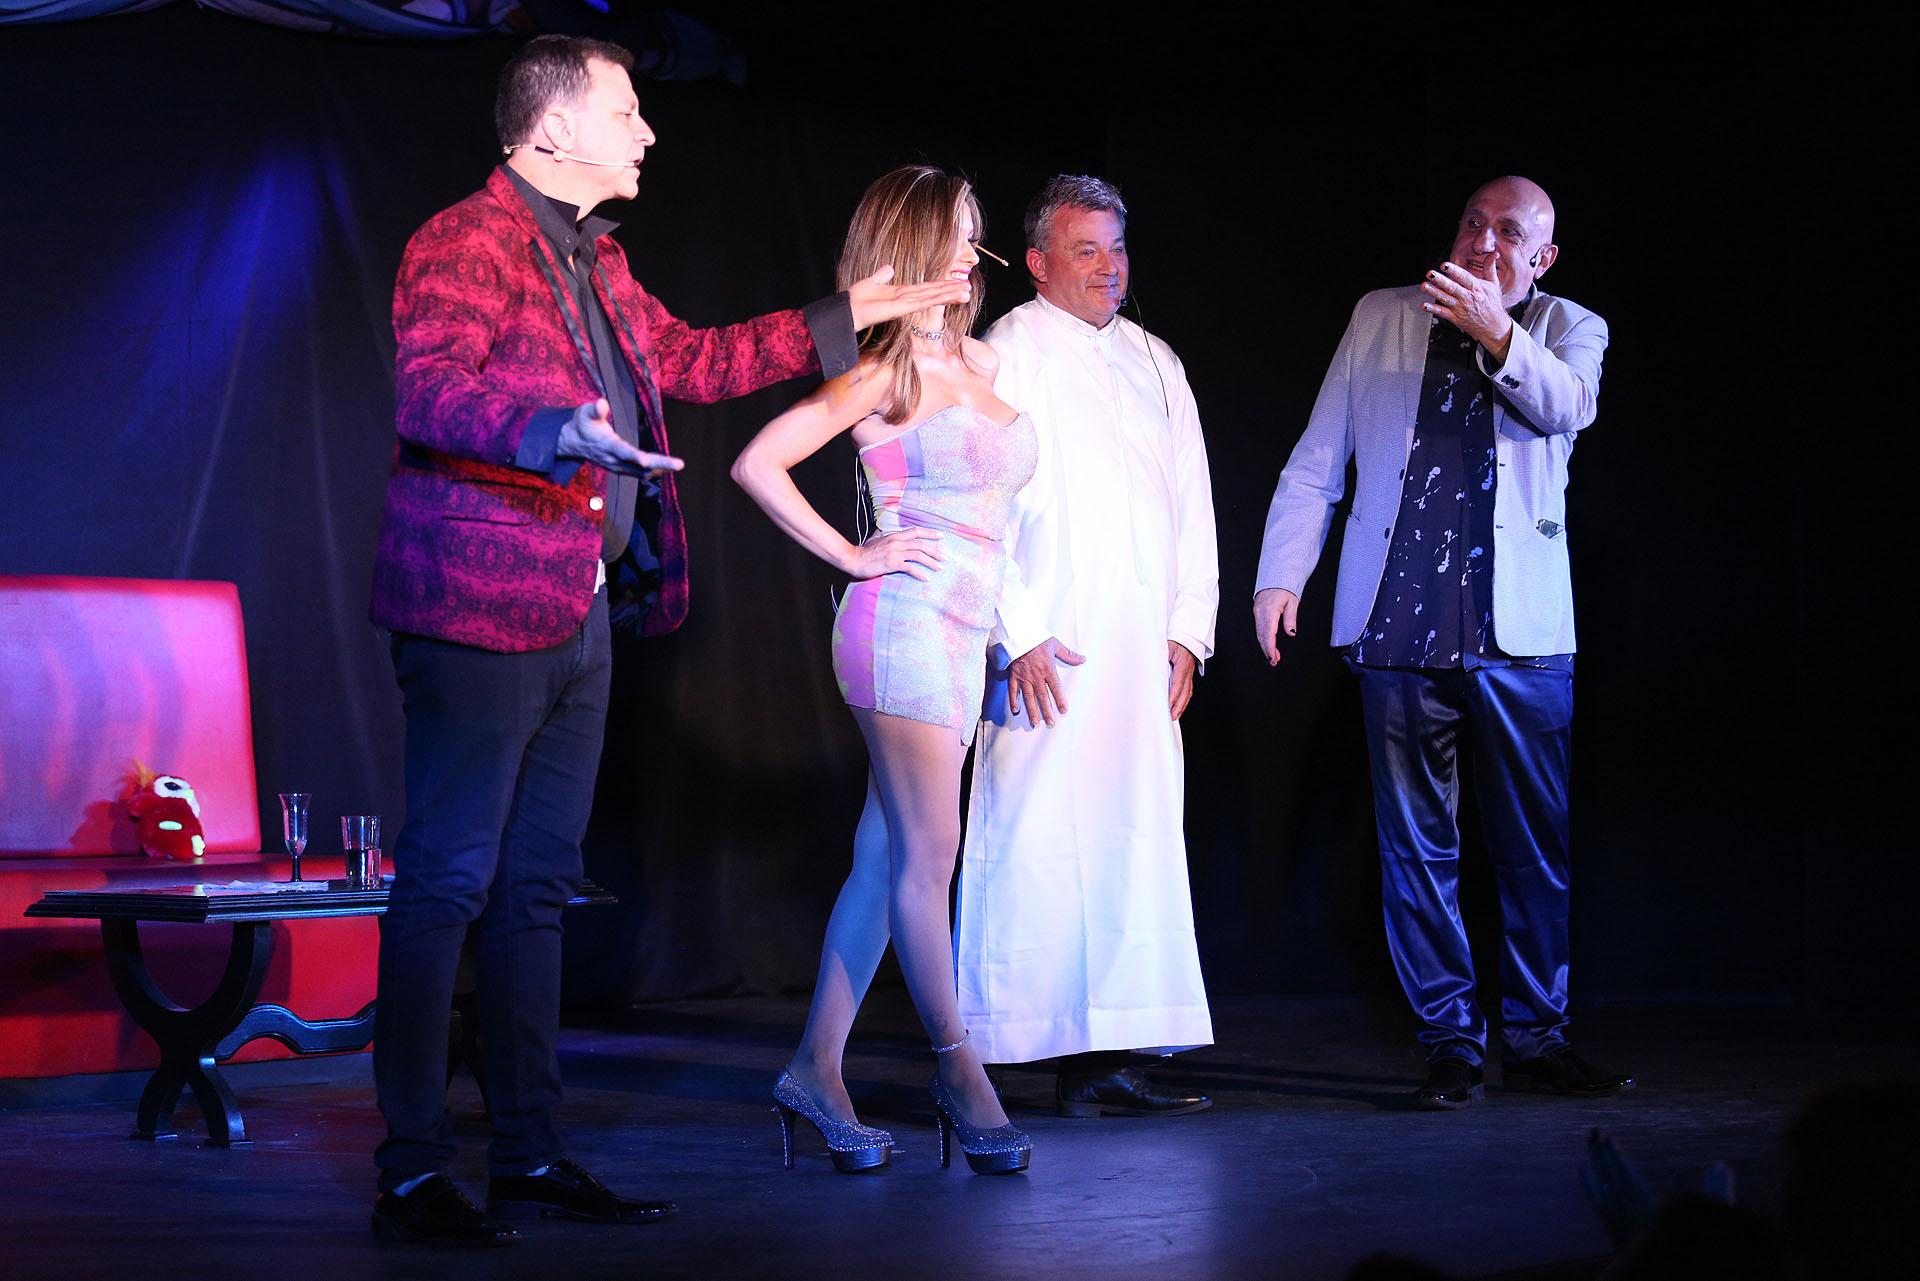 Mario Fassi, Eliana Mendoza, Humbertito Grondona y Juan Acosta (Fotos: Mario Sar)